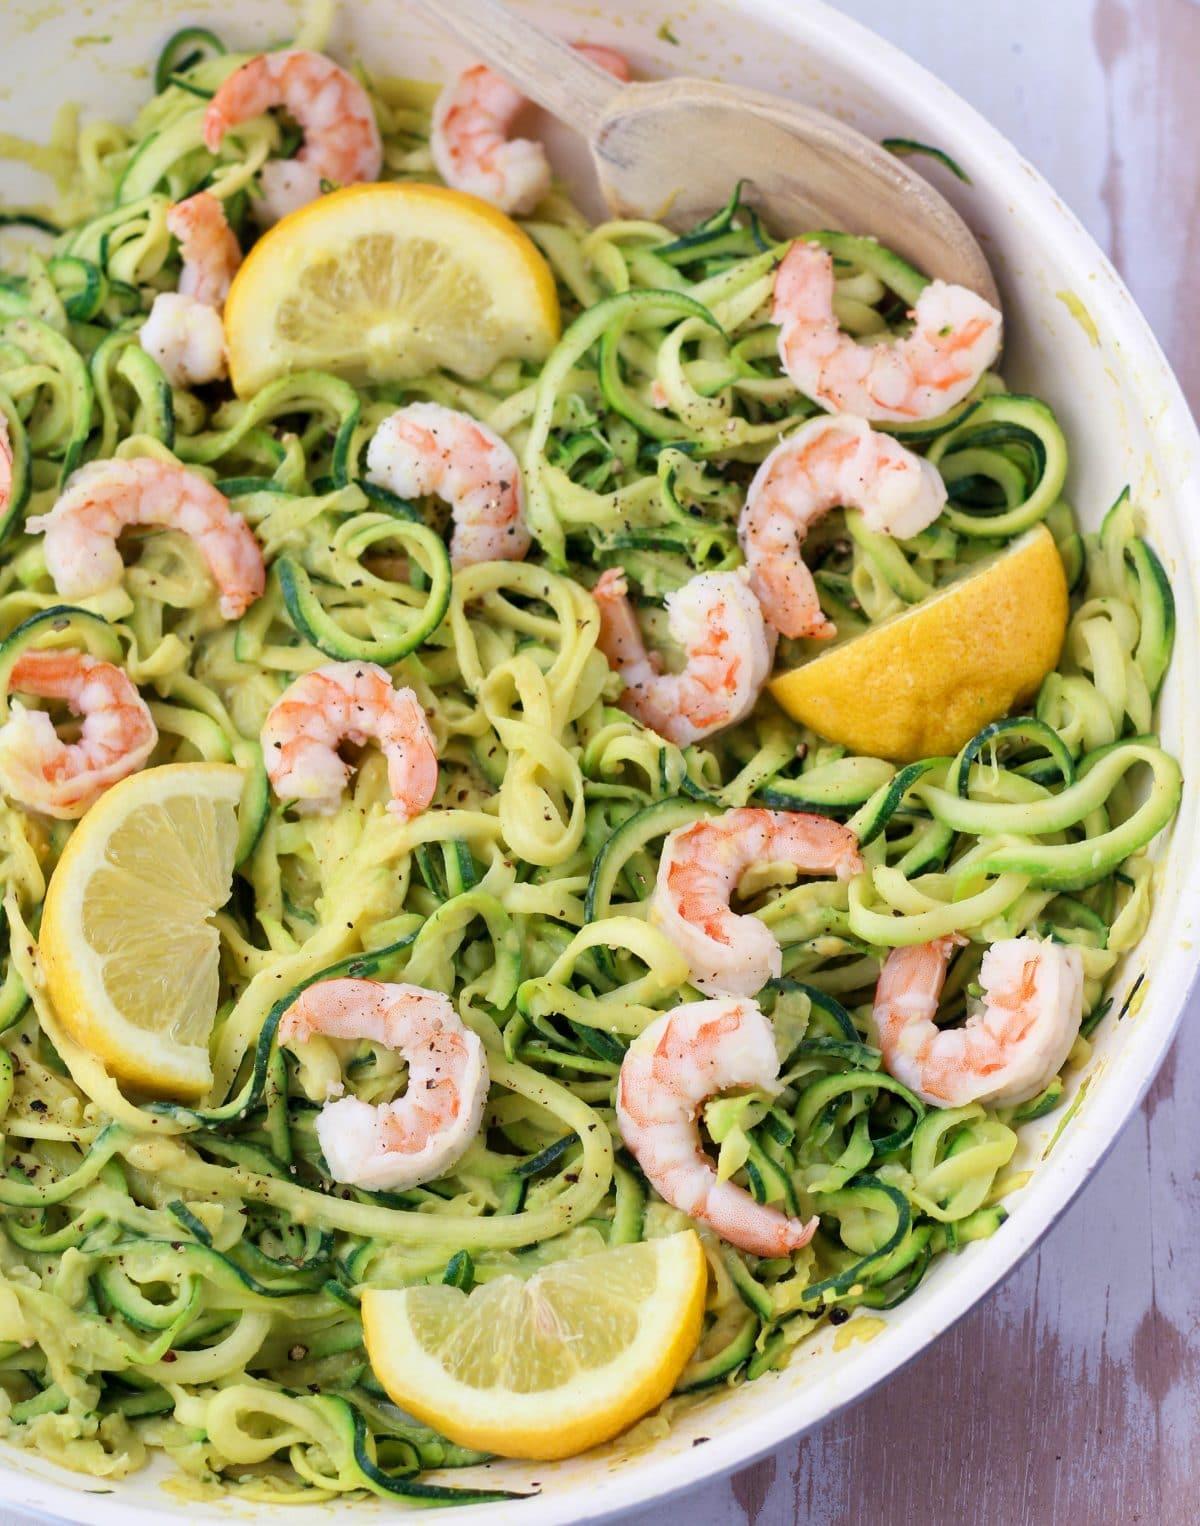 low-carb-zoodles-recipe-lemon-shrimp-image